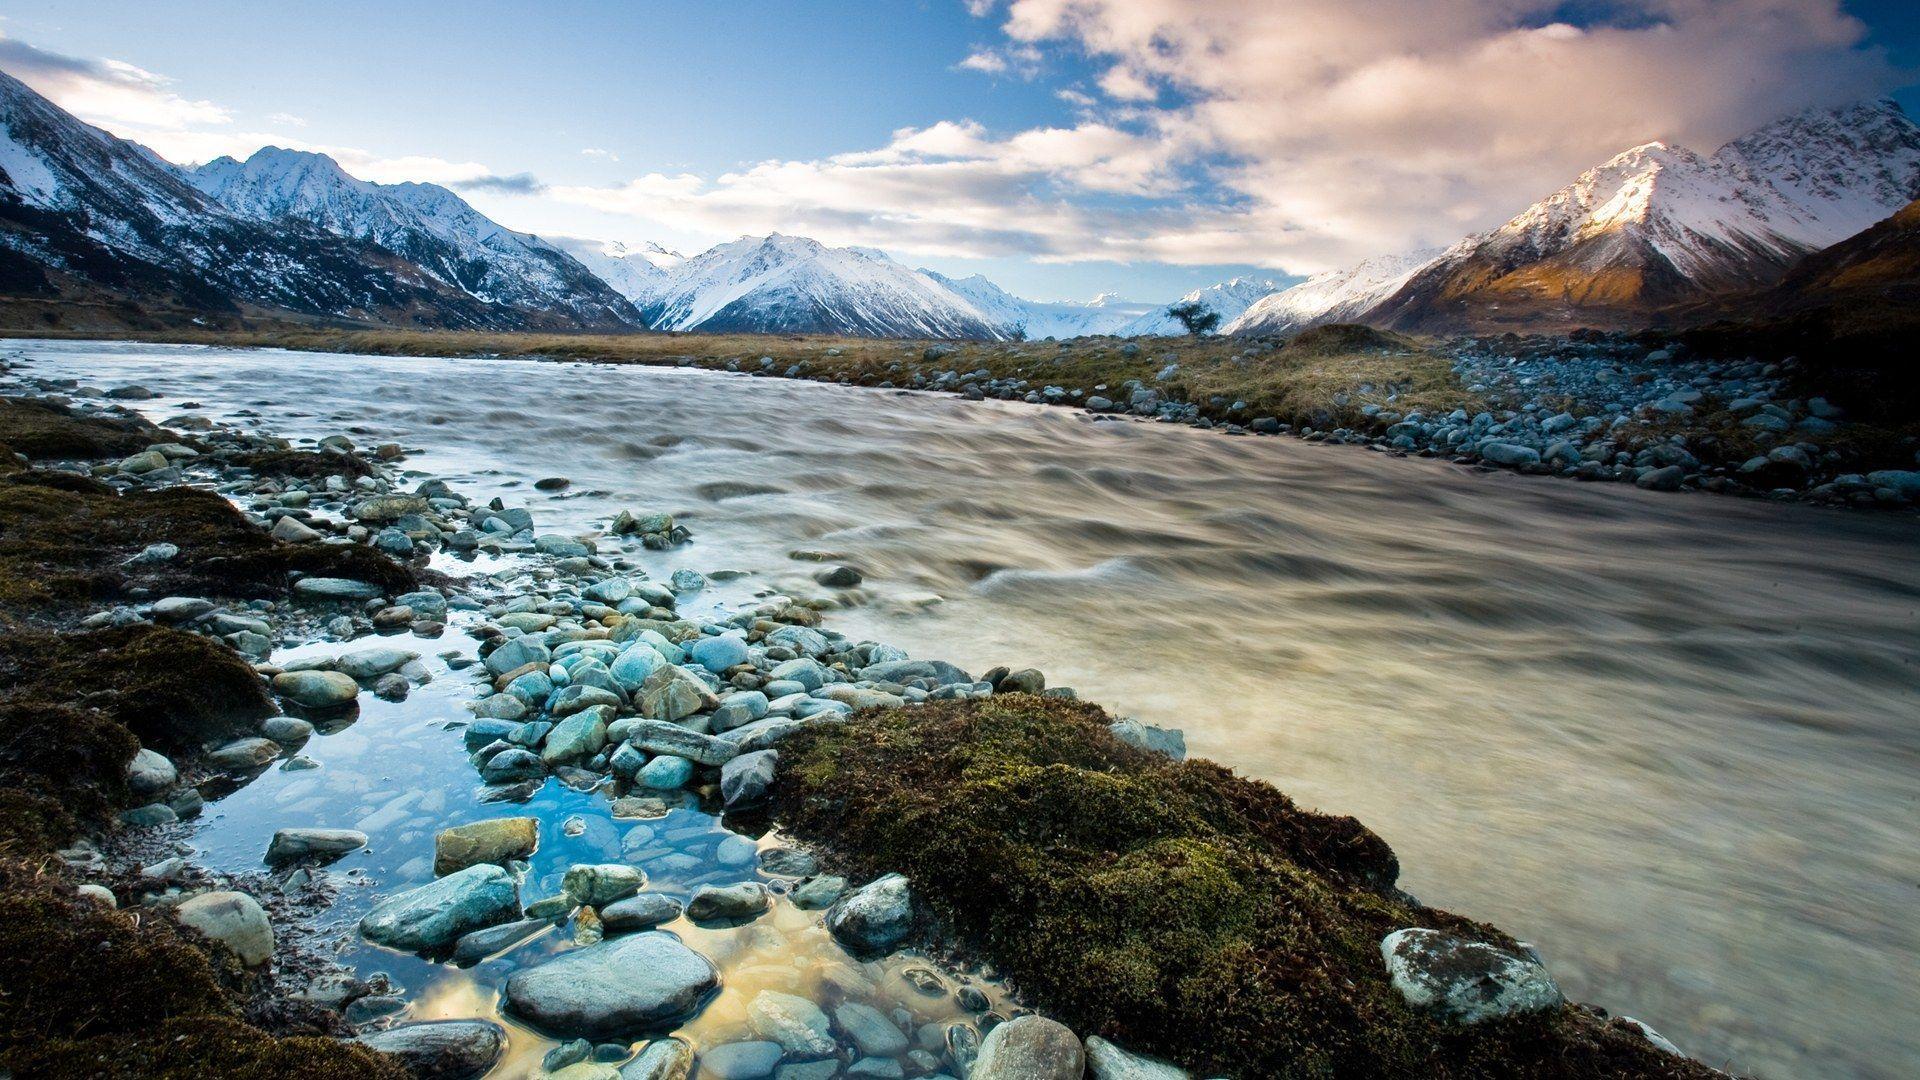 New Zealand Desktop Wallpapers Top Free New Zealand